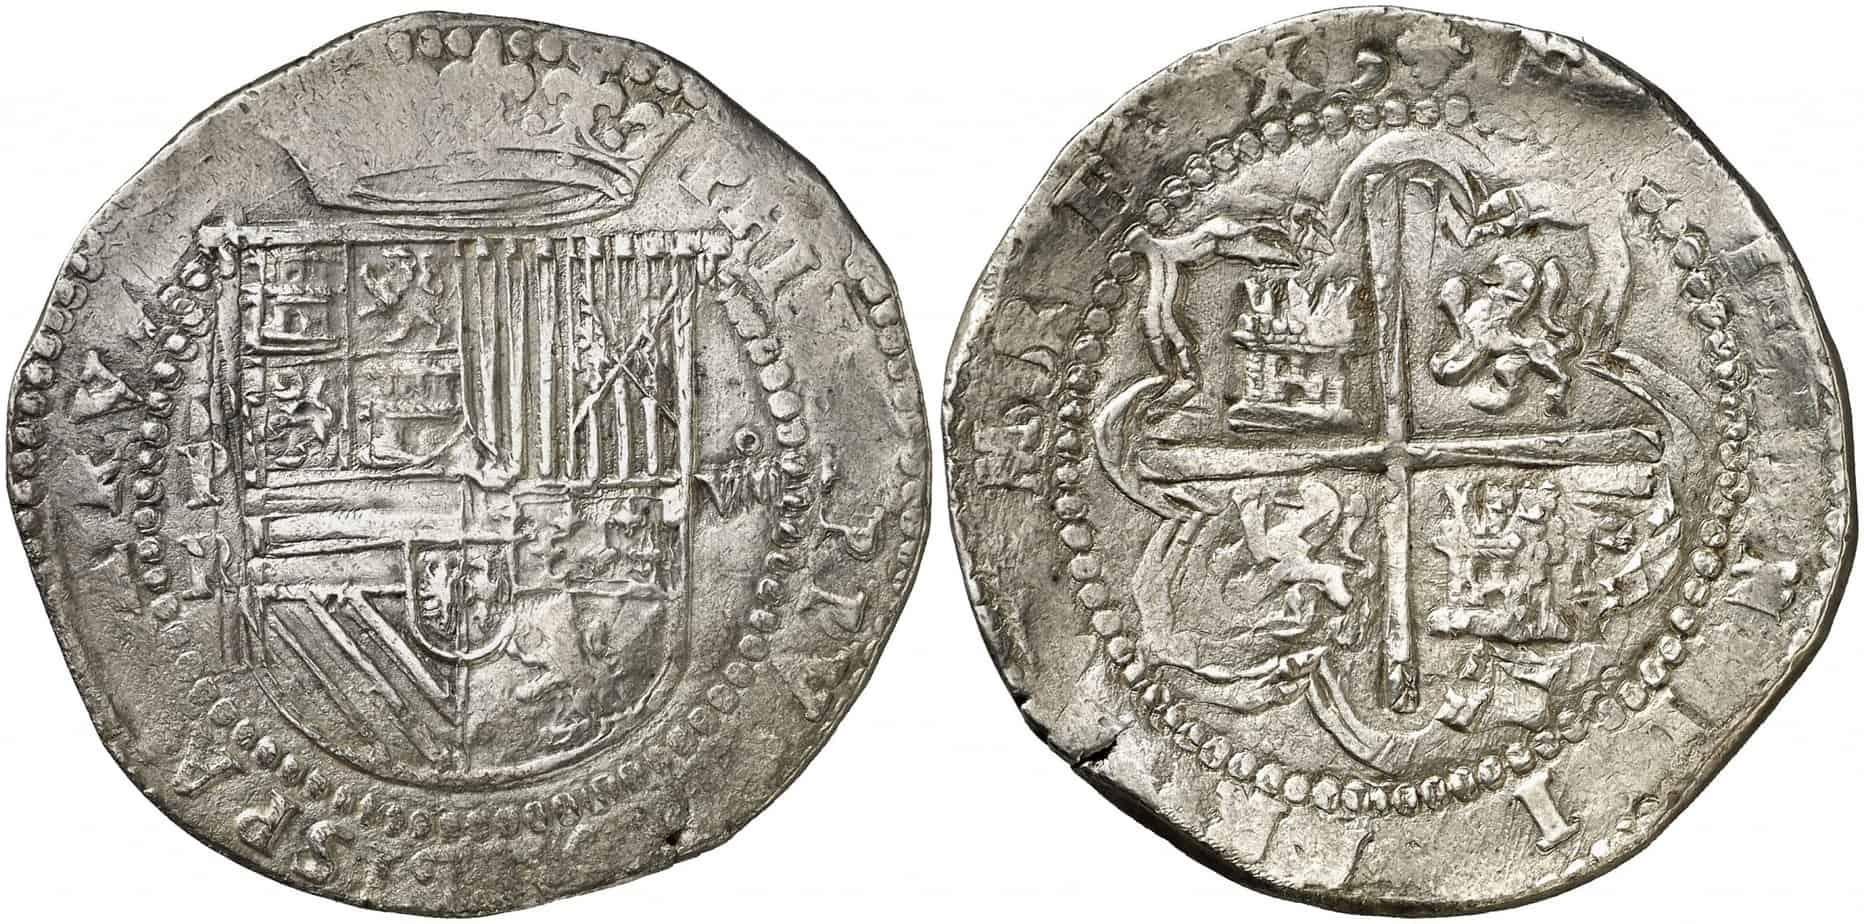 8 reales Potosí Alonso Rincón